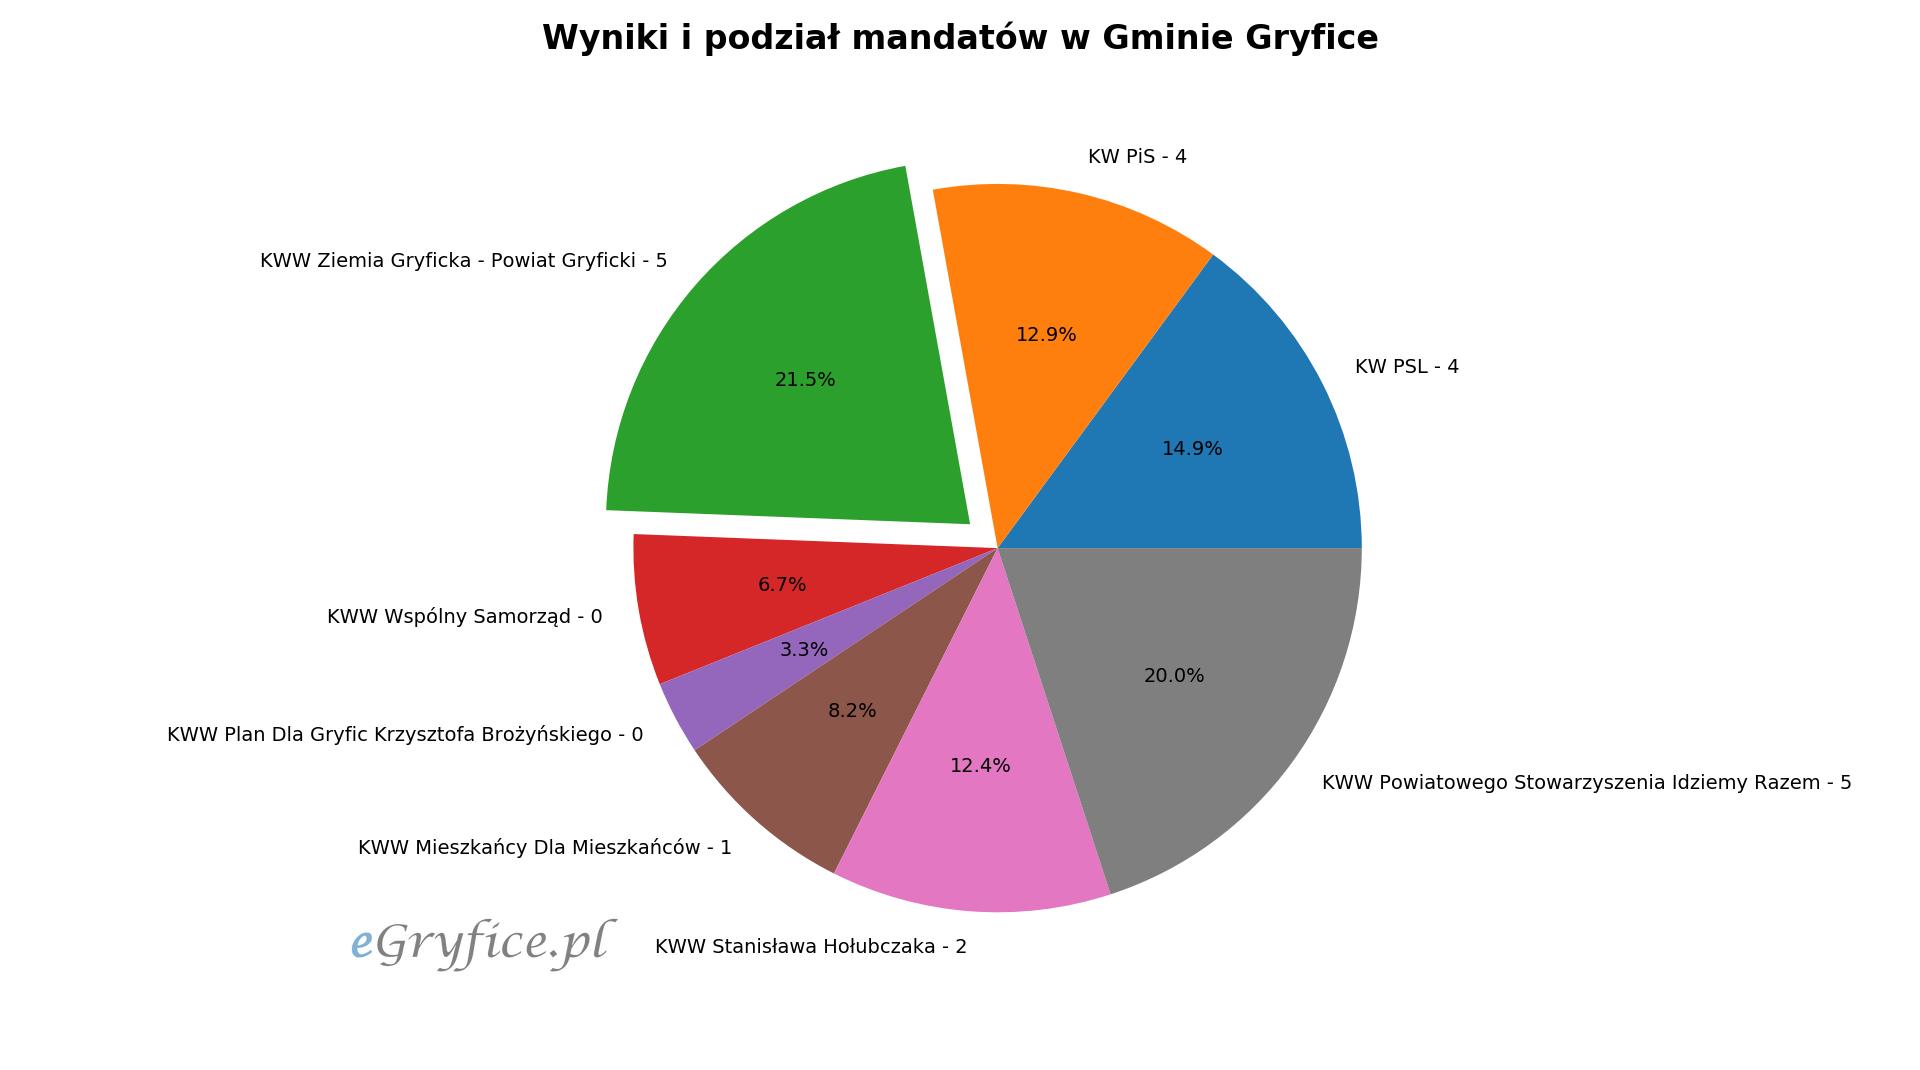 podział mandatów w Gminie Gryfice